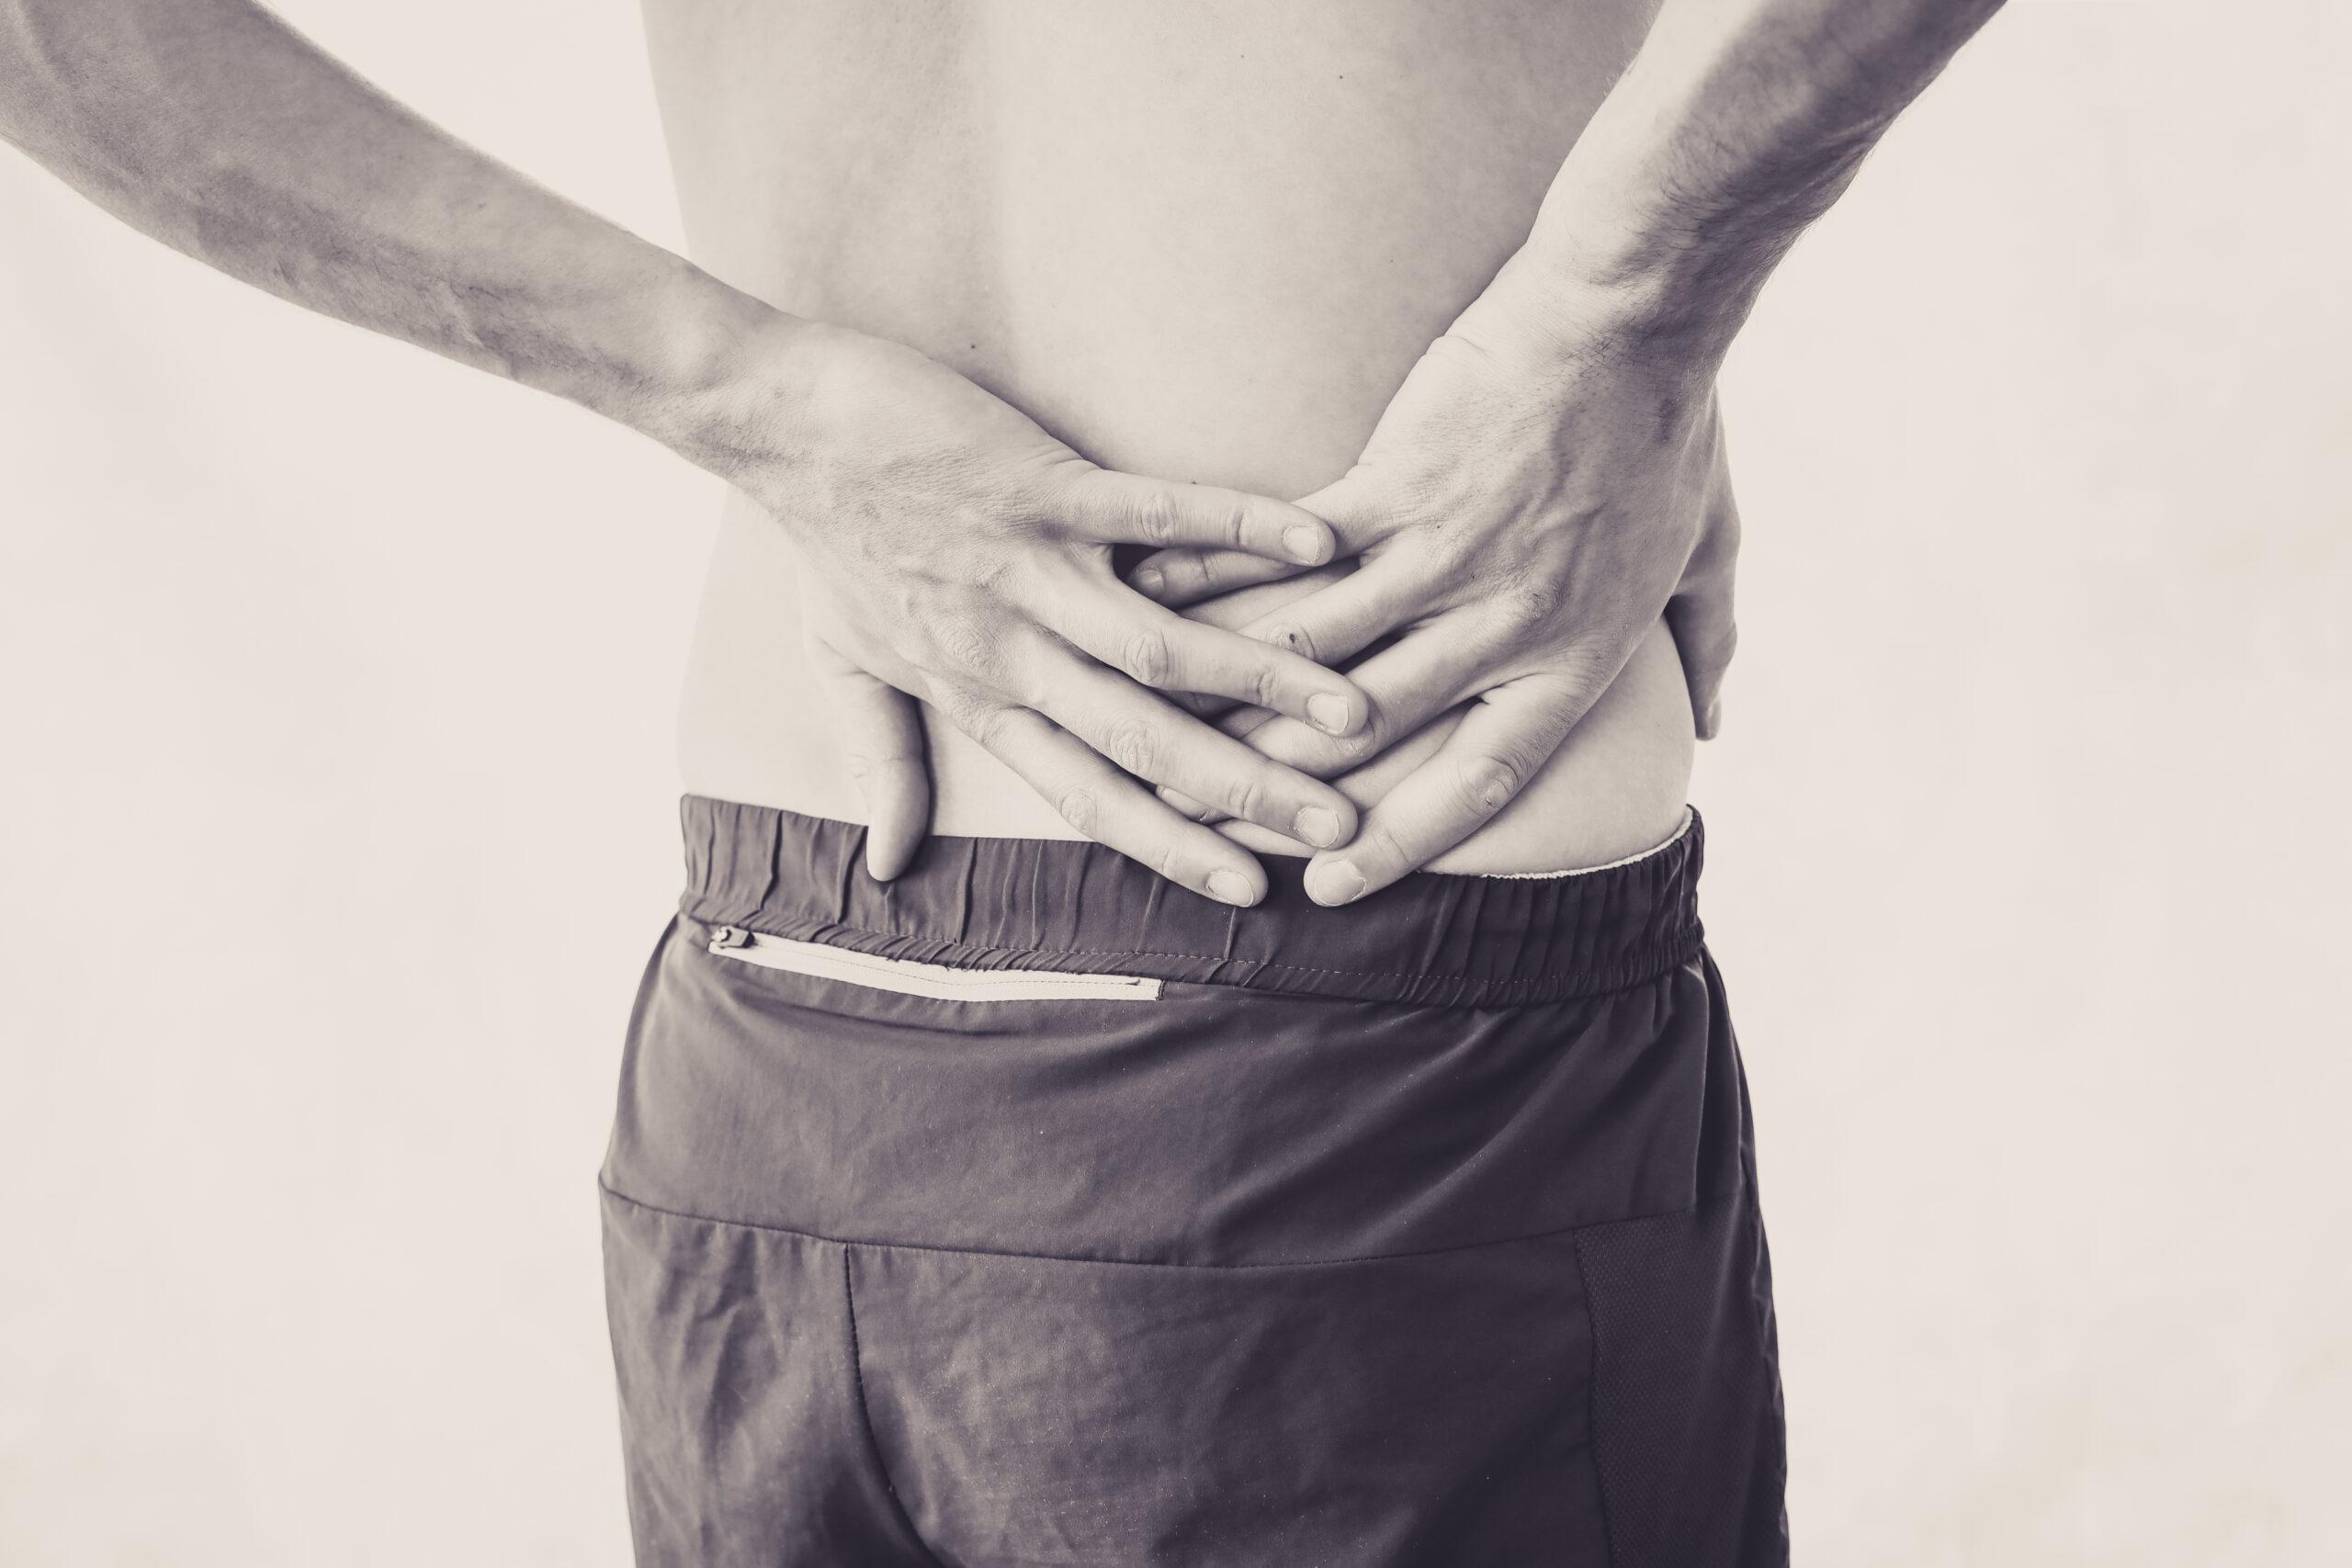 behandeling van ischias bij fysiotherapie nijmegen van sport medisch centrum papendal